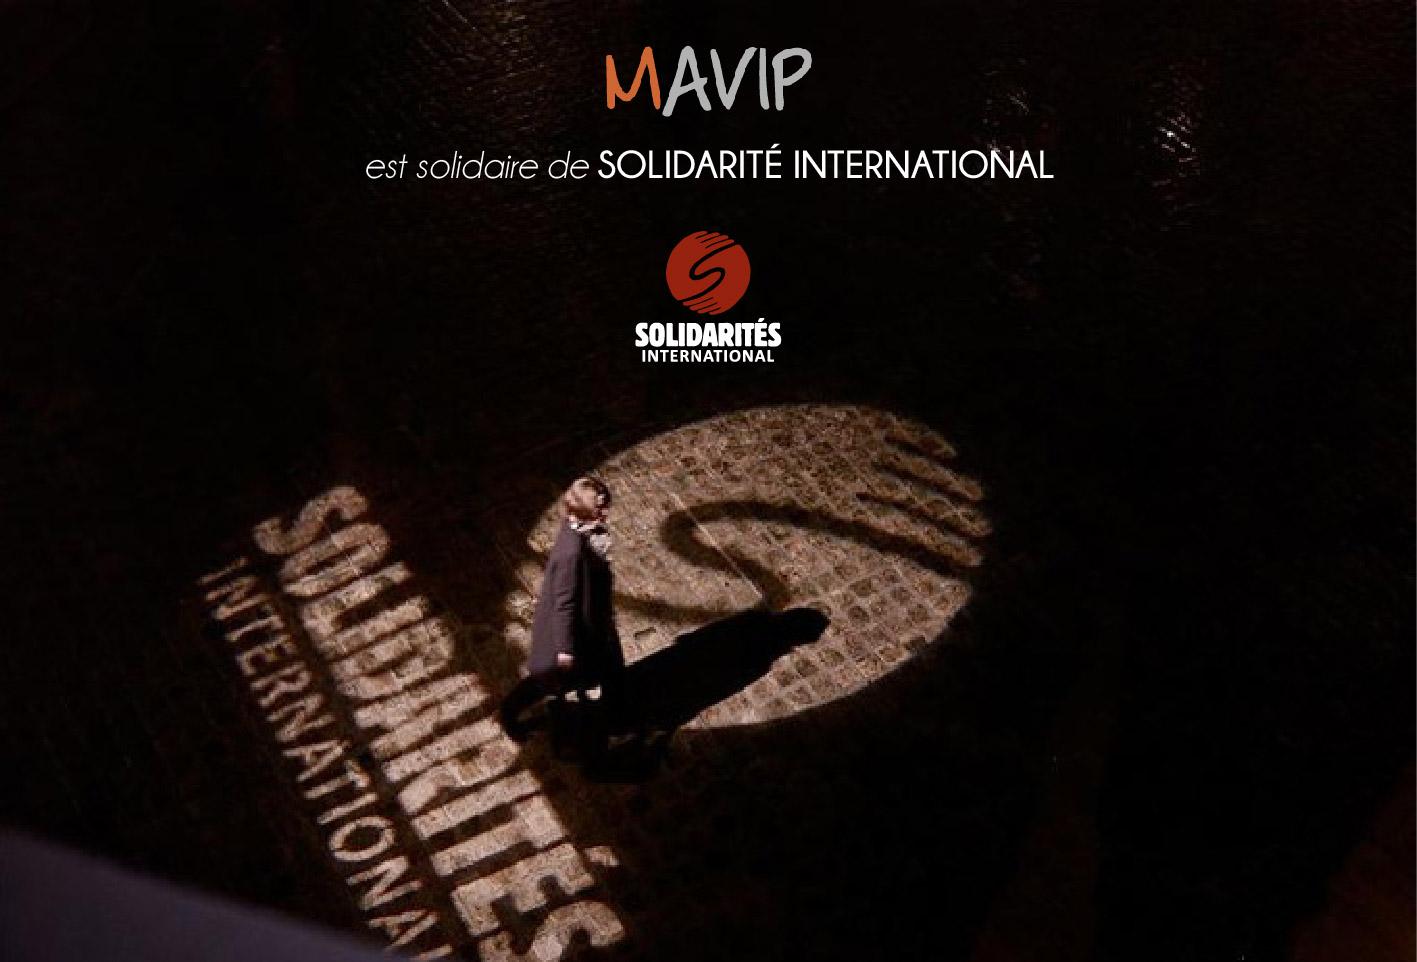 Mavip solidaire